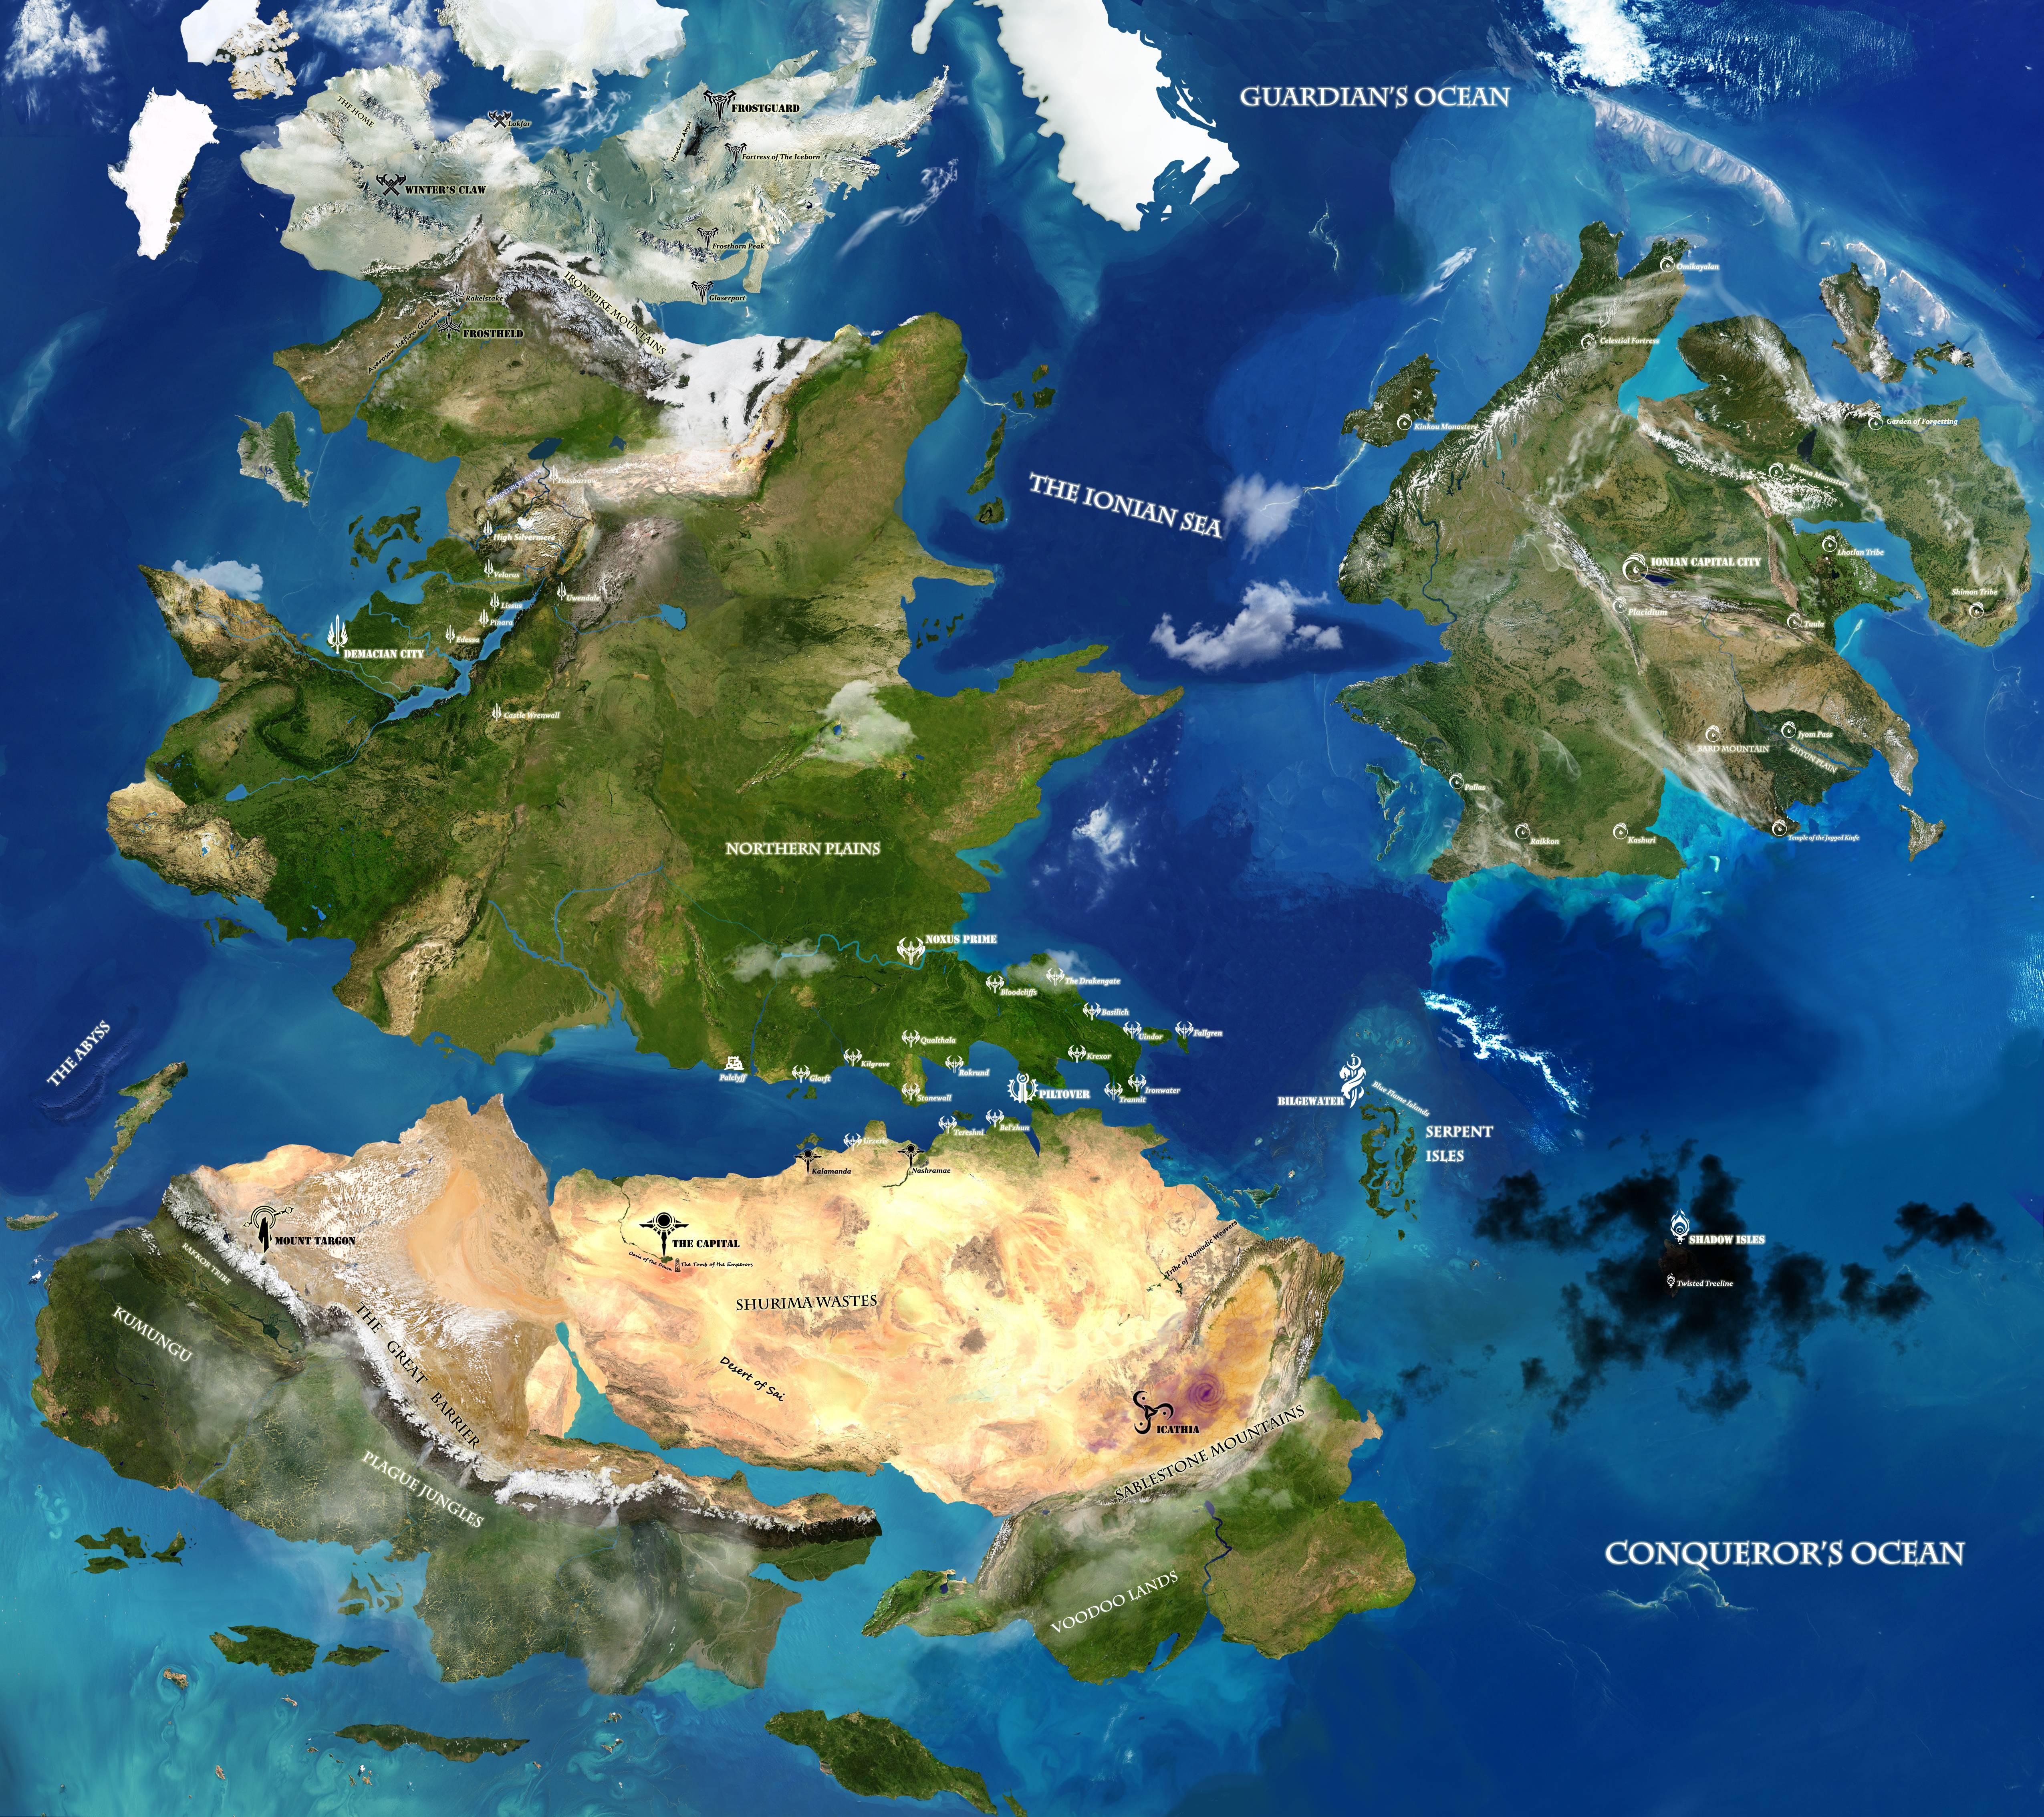 League Of Legends World Map Steam Workshop::Runeterra (From League of Legends)